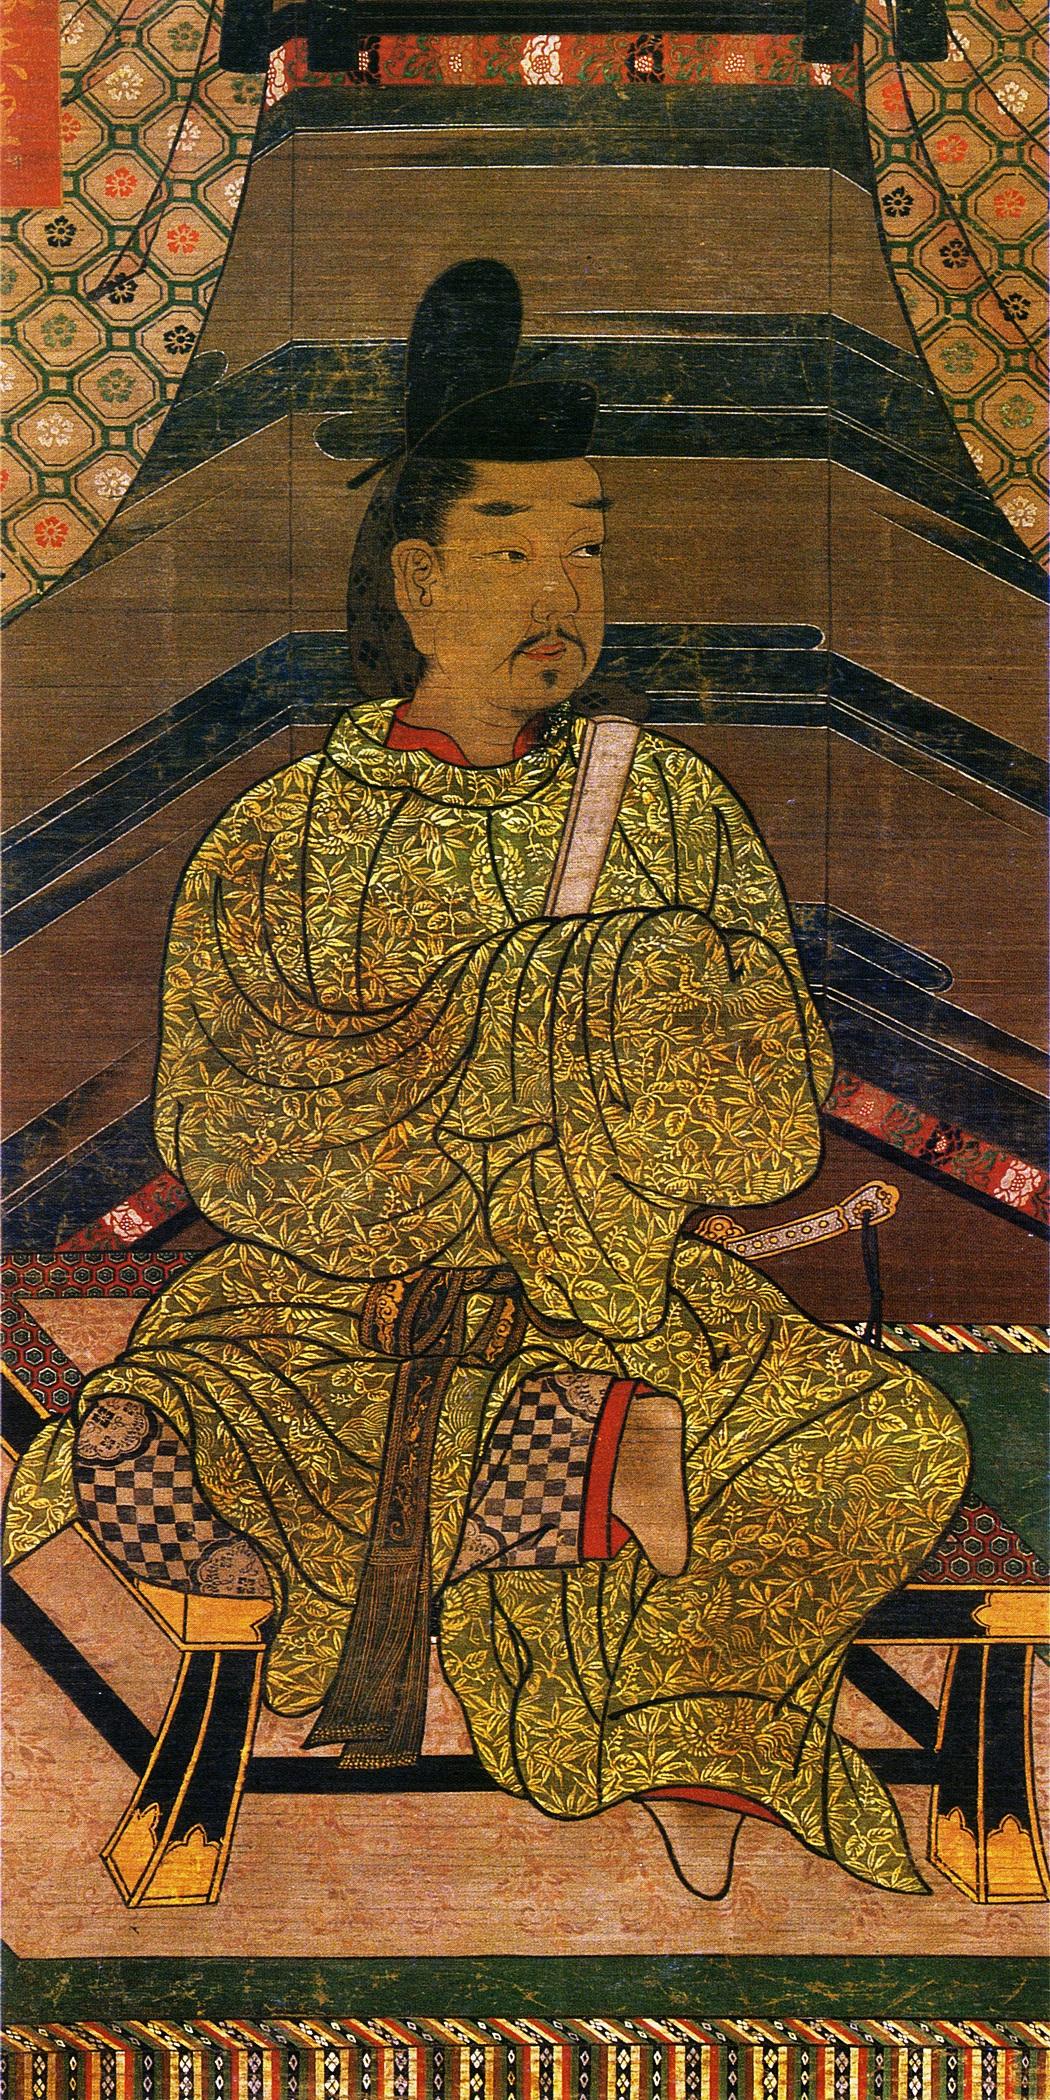 醍醐天皇 - Wikipedia